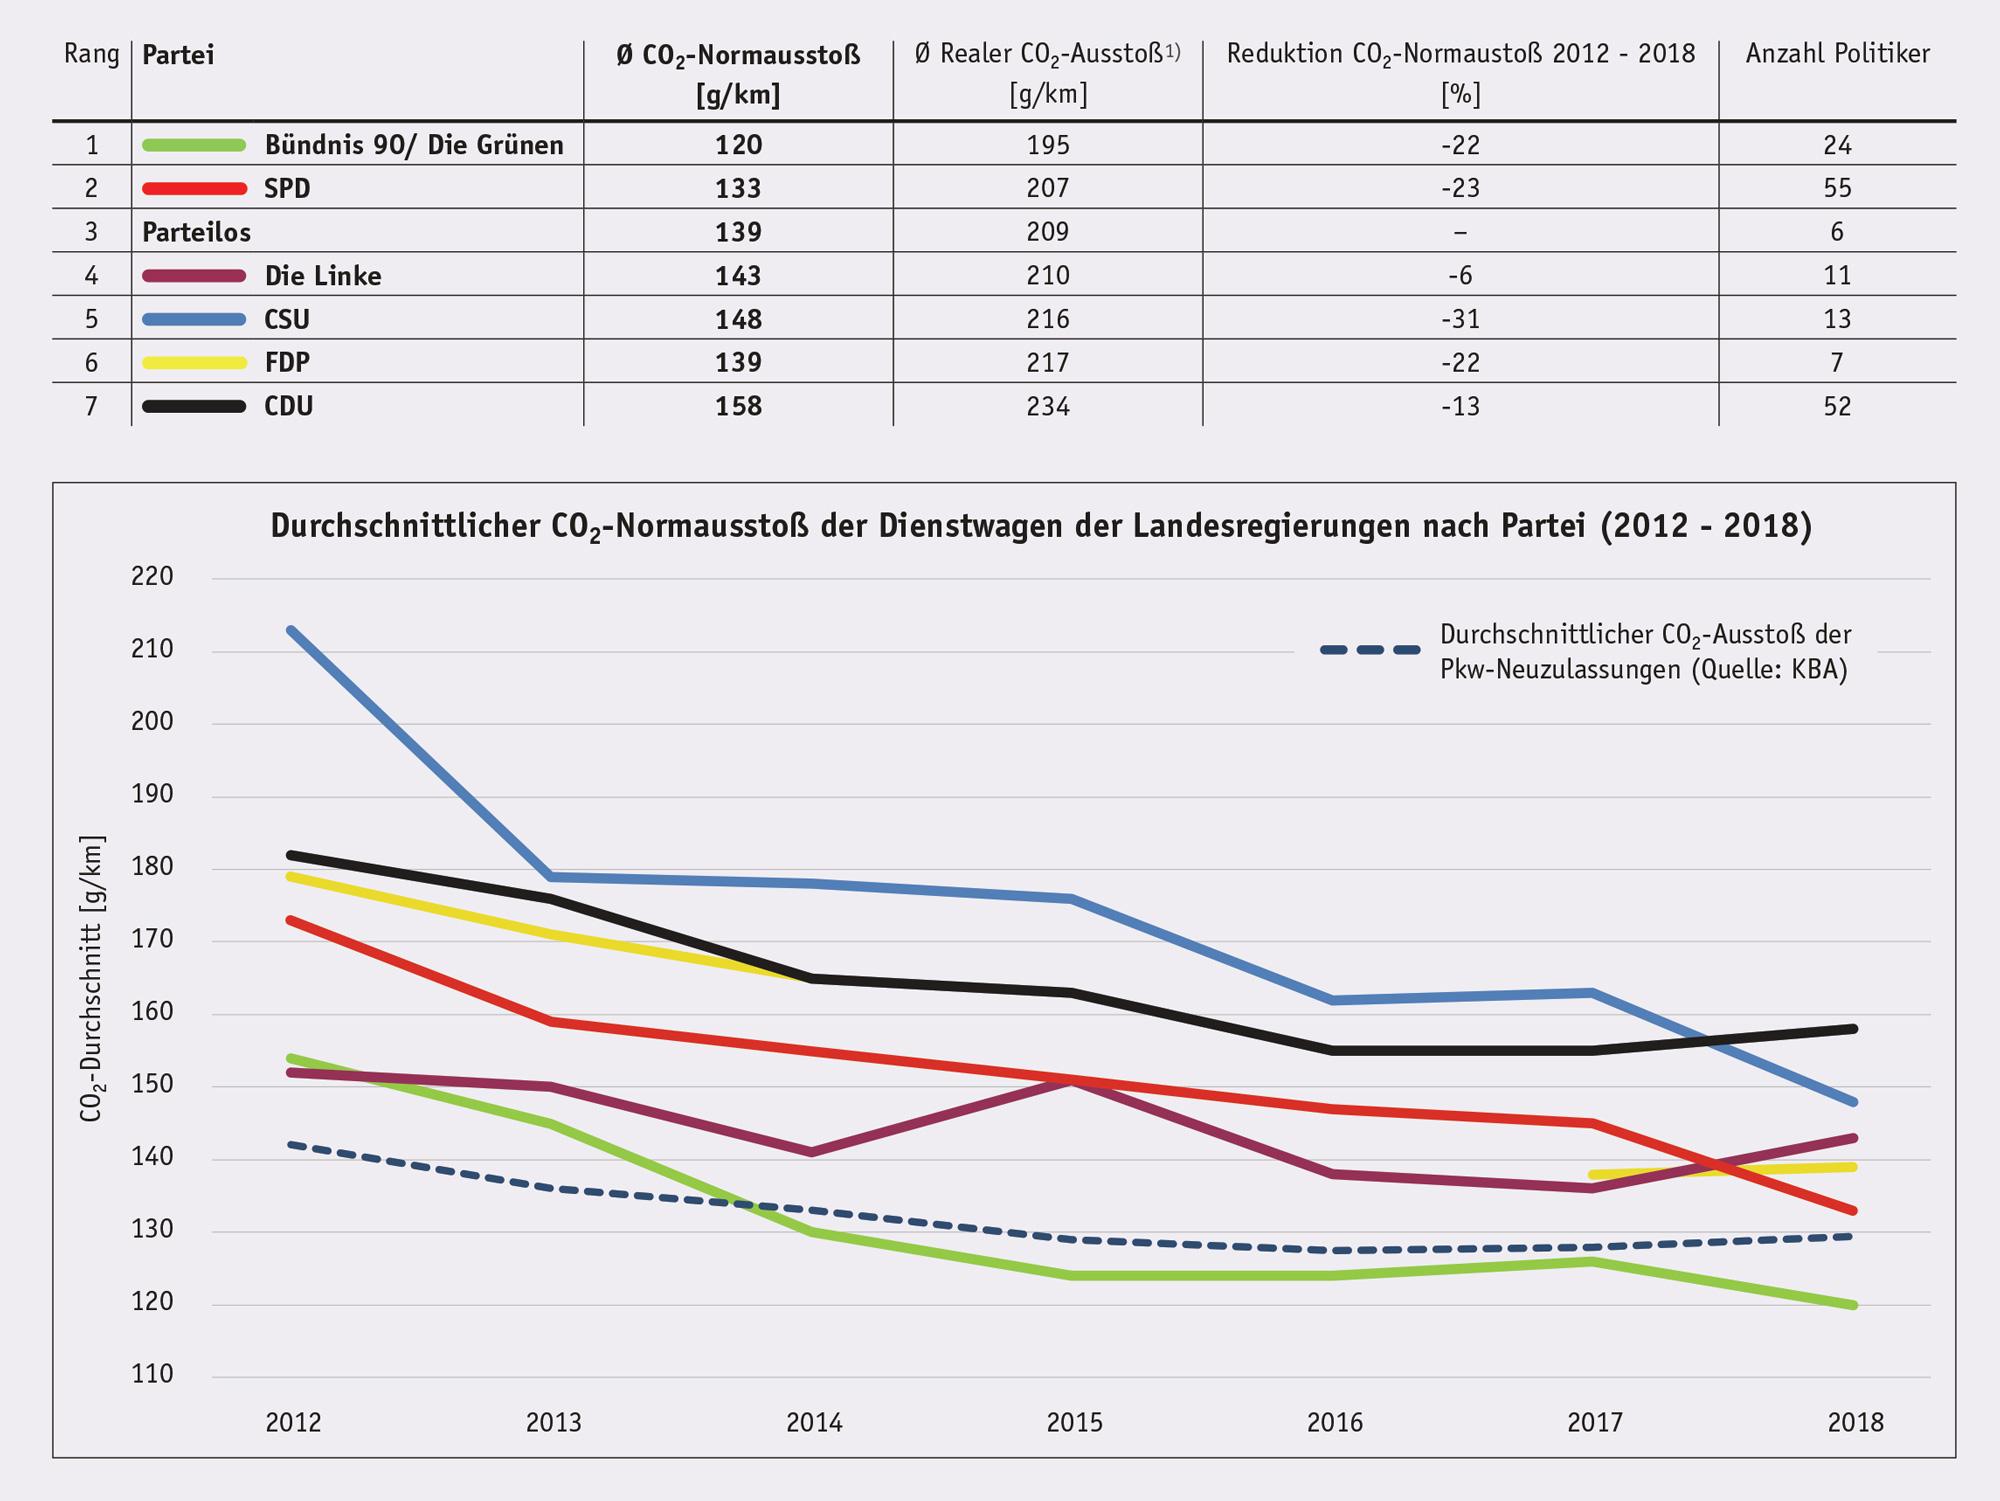 Dienstwagen-der-Landesregierungen-im-Parteienvergleich-2018